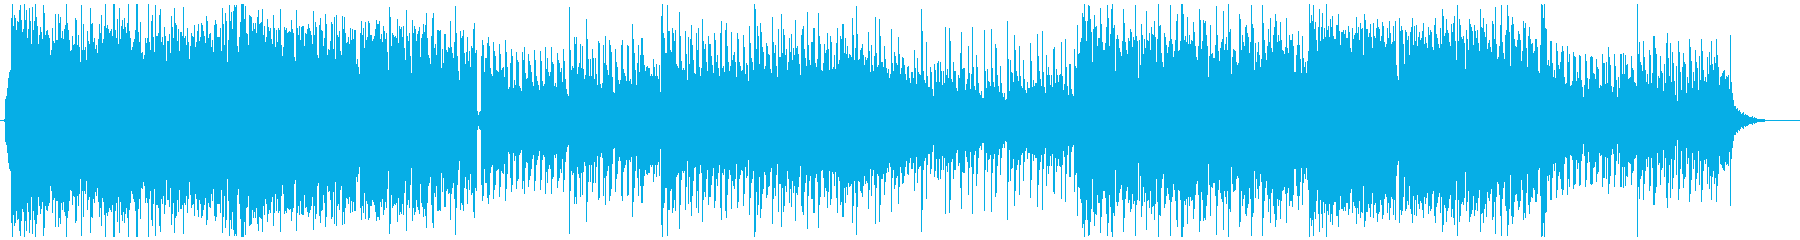 疾走感・ドラマティックなトランス系楽曲の再生済みの波形